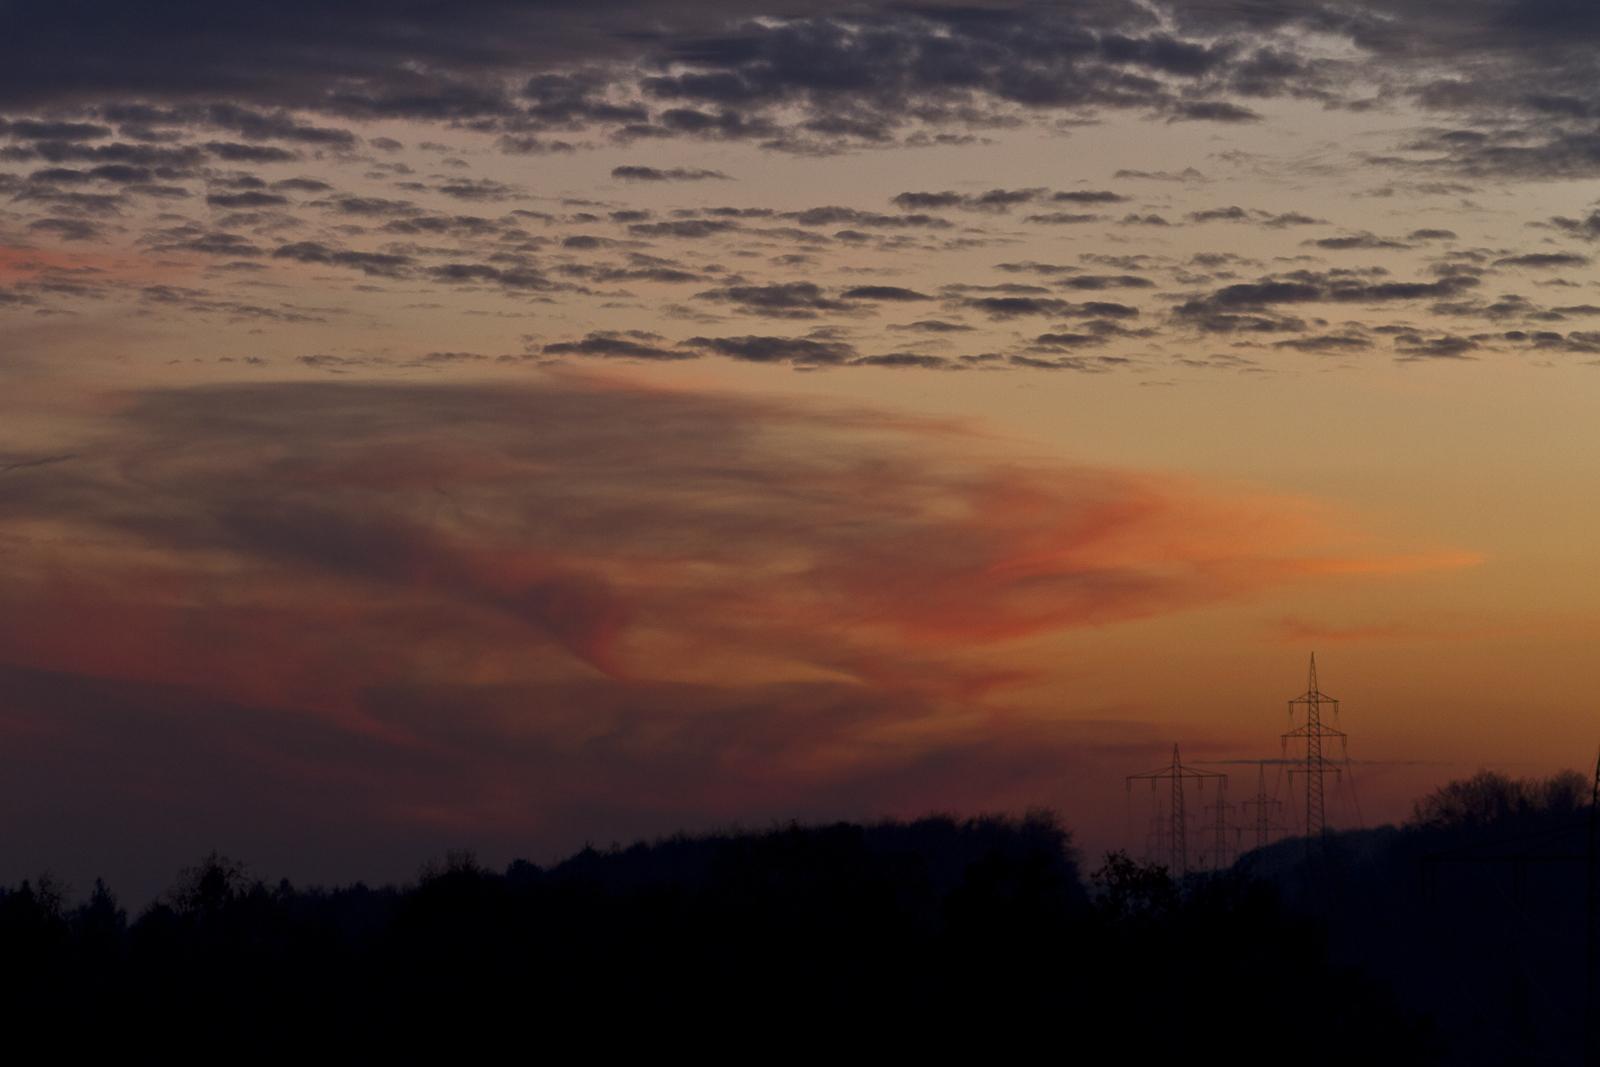 Wolkenwirbel nach Sonnenuntergang